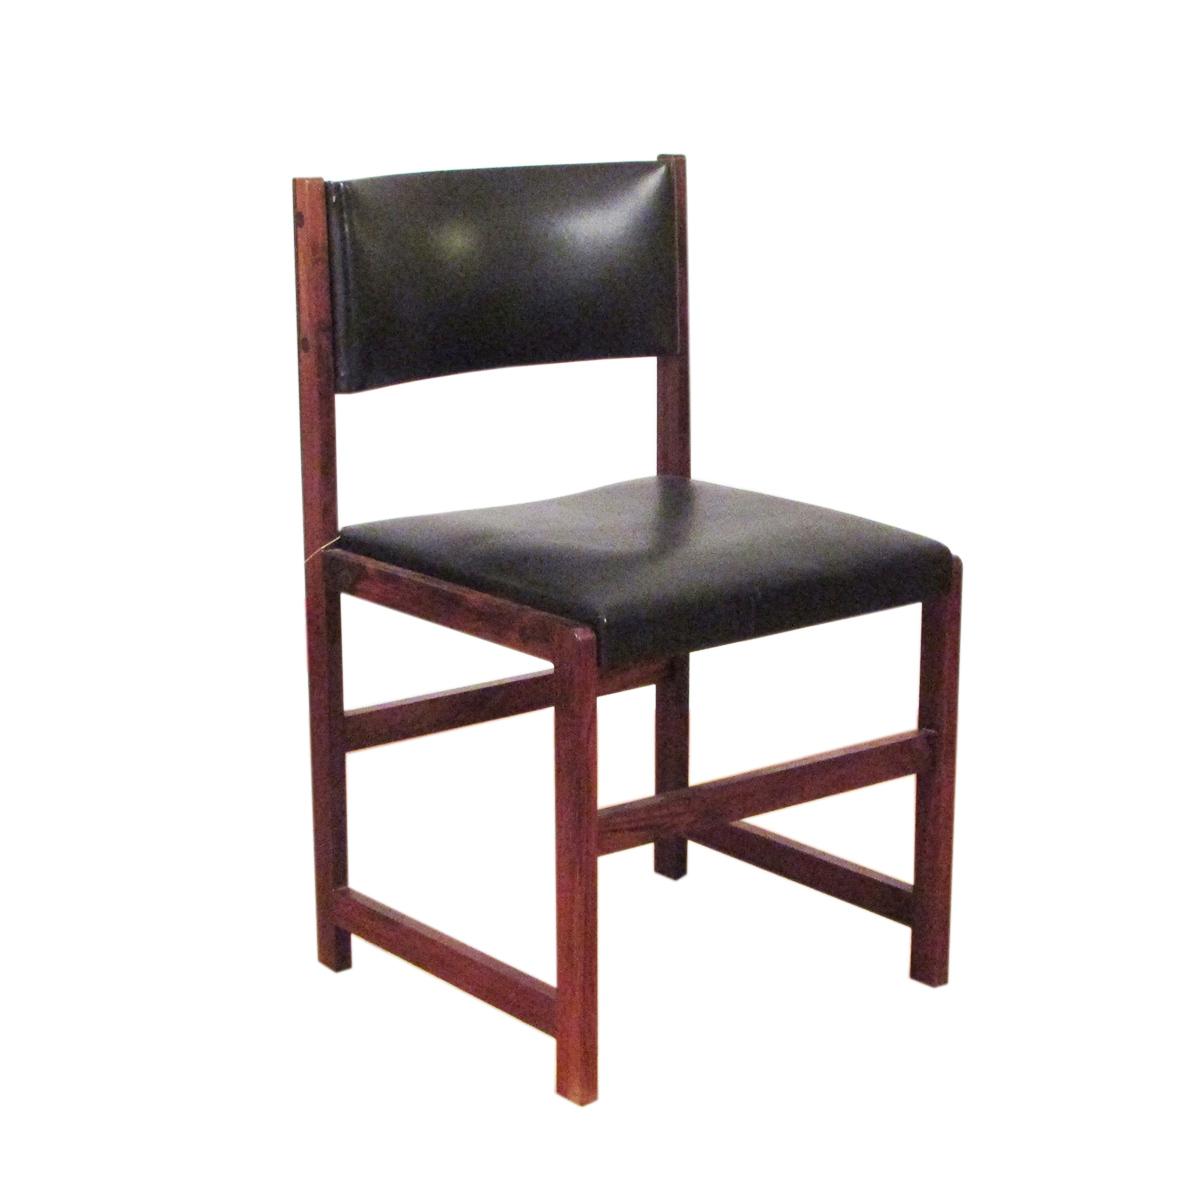 rosewood-chair-vintage